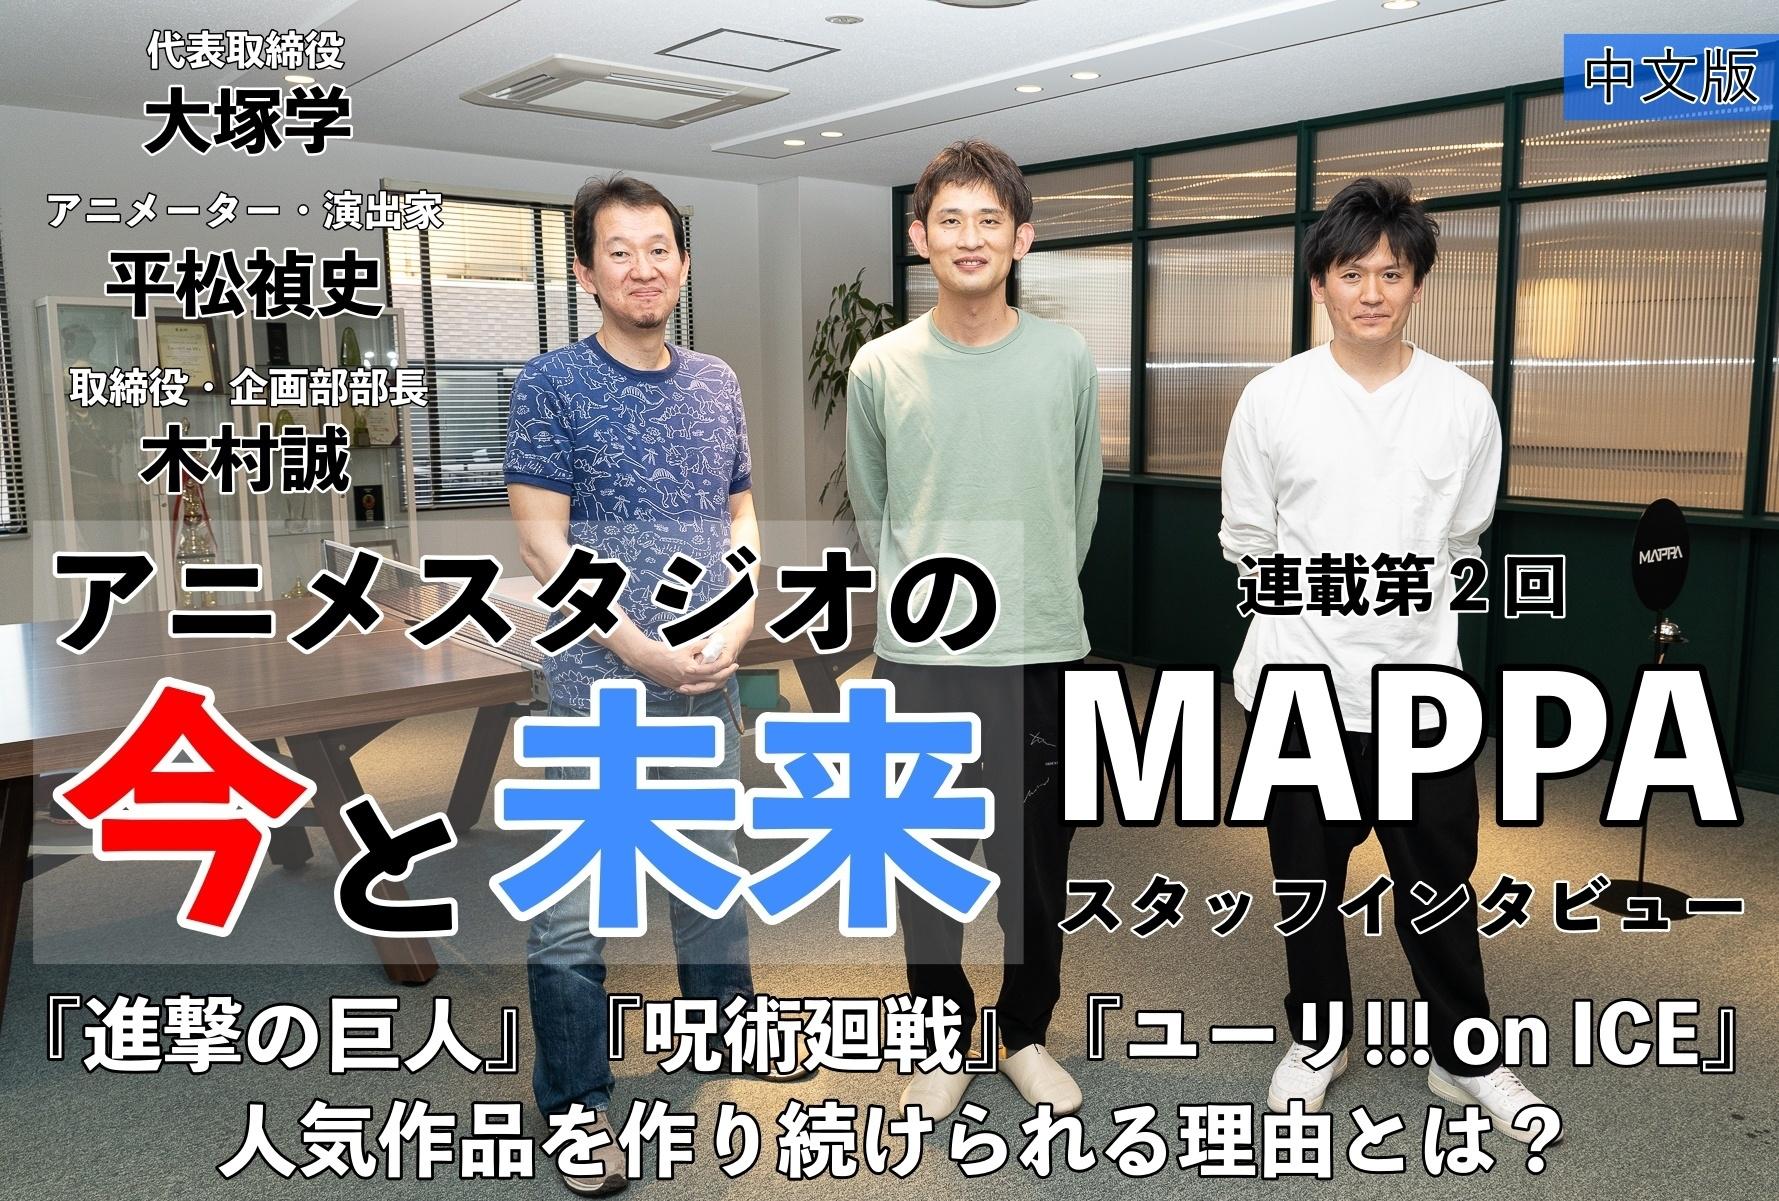 【動畫製作室的現在與未來】專訪MAPPA製作團隊|《進撃的巨人The Final Season》《呪術廻戰》《YURI!!! on ICE》能持續製作出人氣作品的理由是什麼? 【連載第2回】